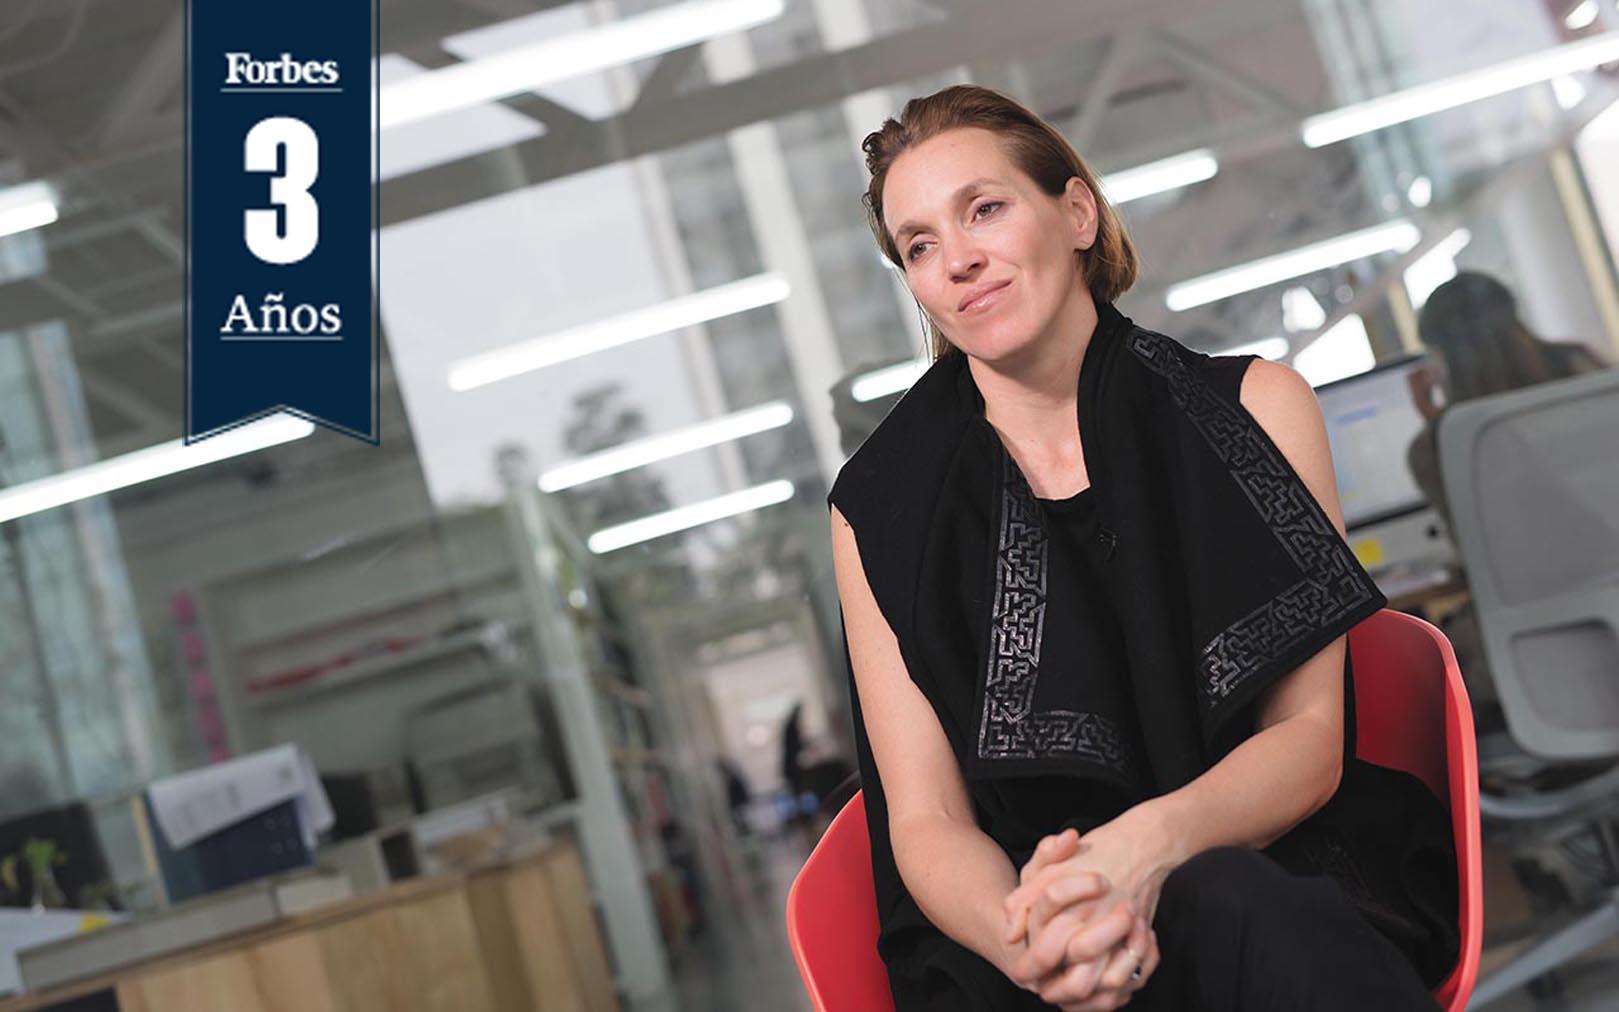 Información seria y confiable, eso es Forbes: Tatiana Bilbao